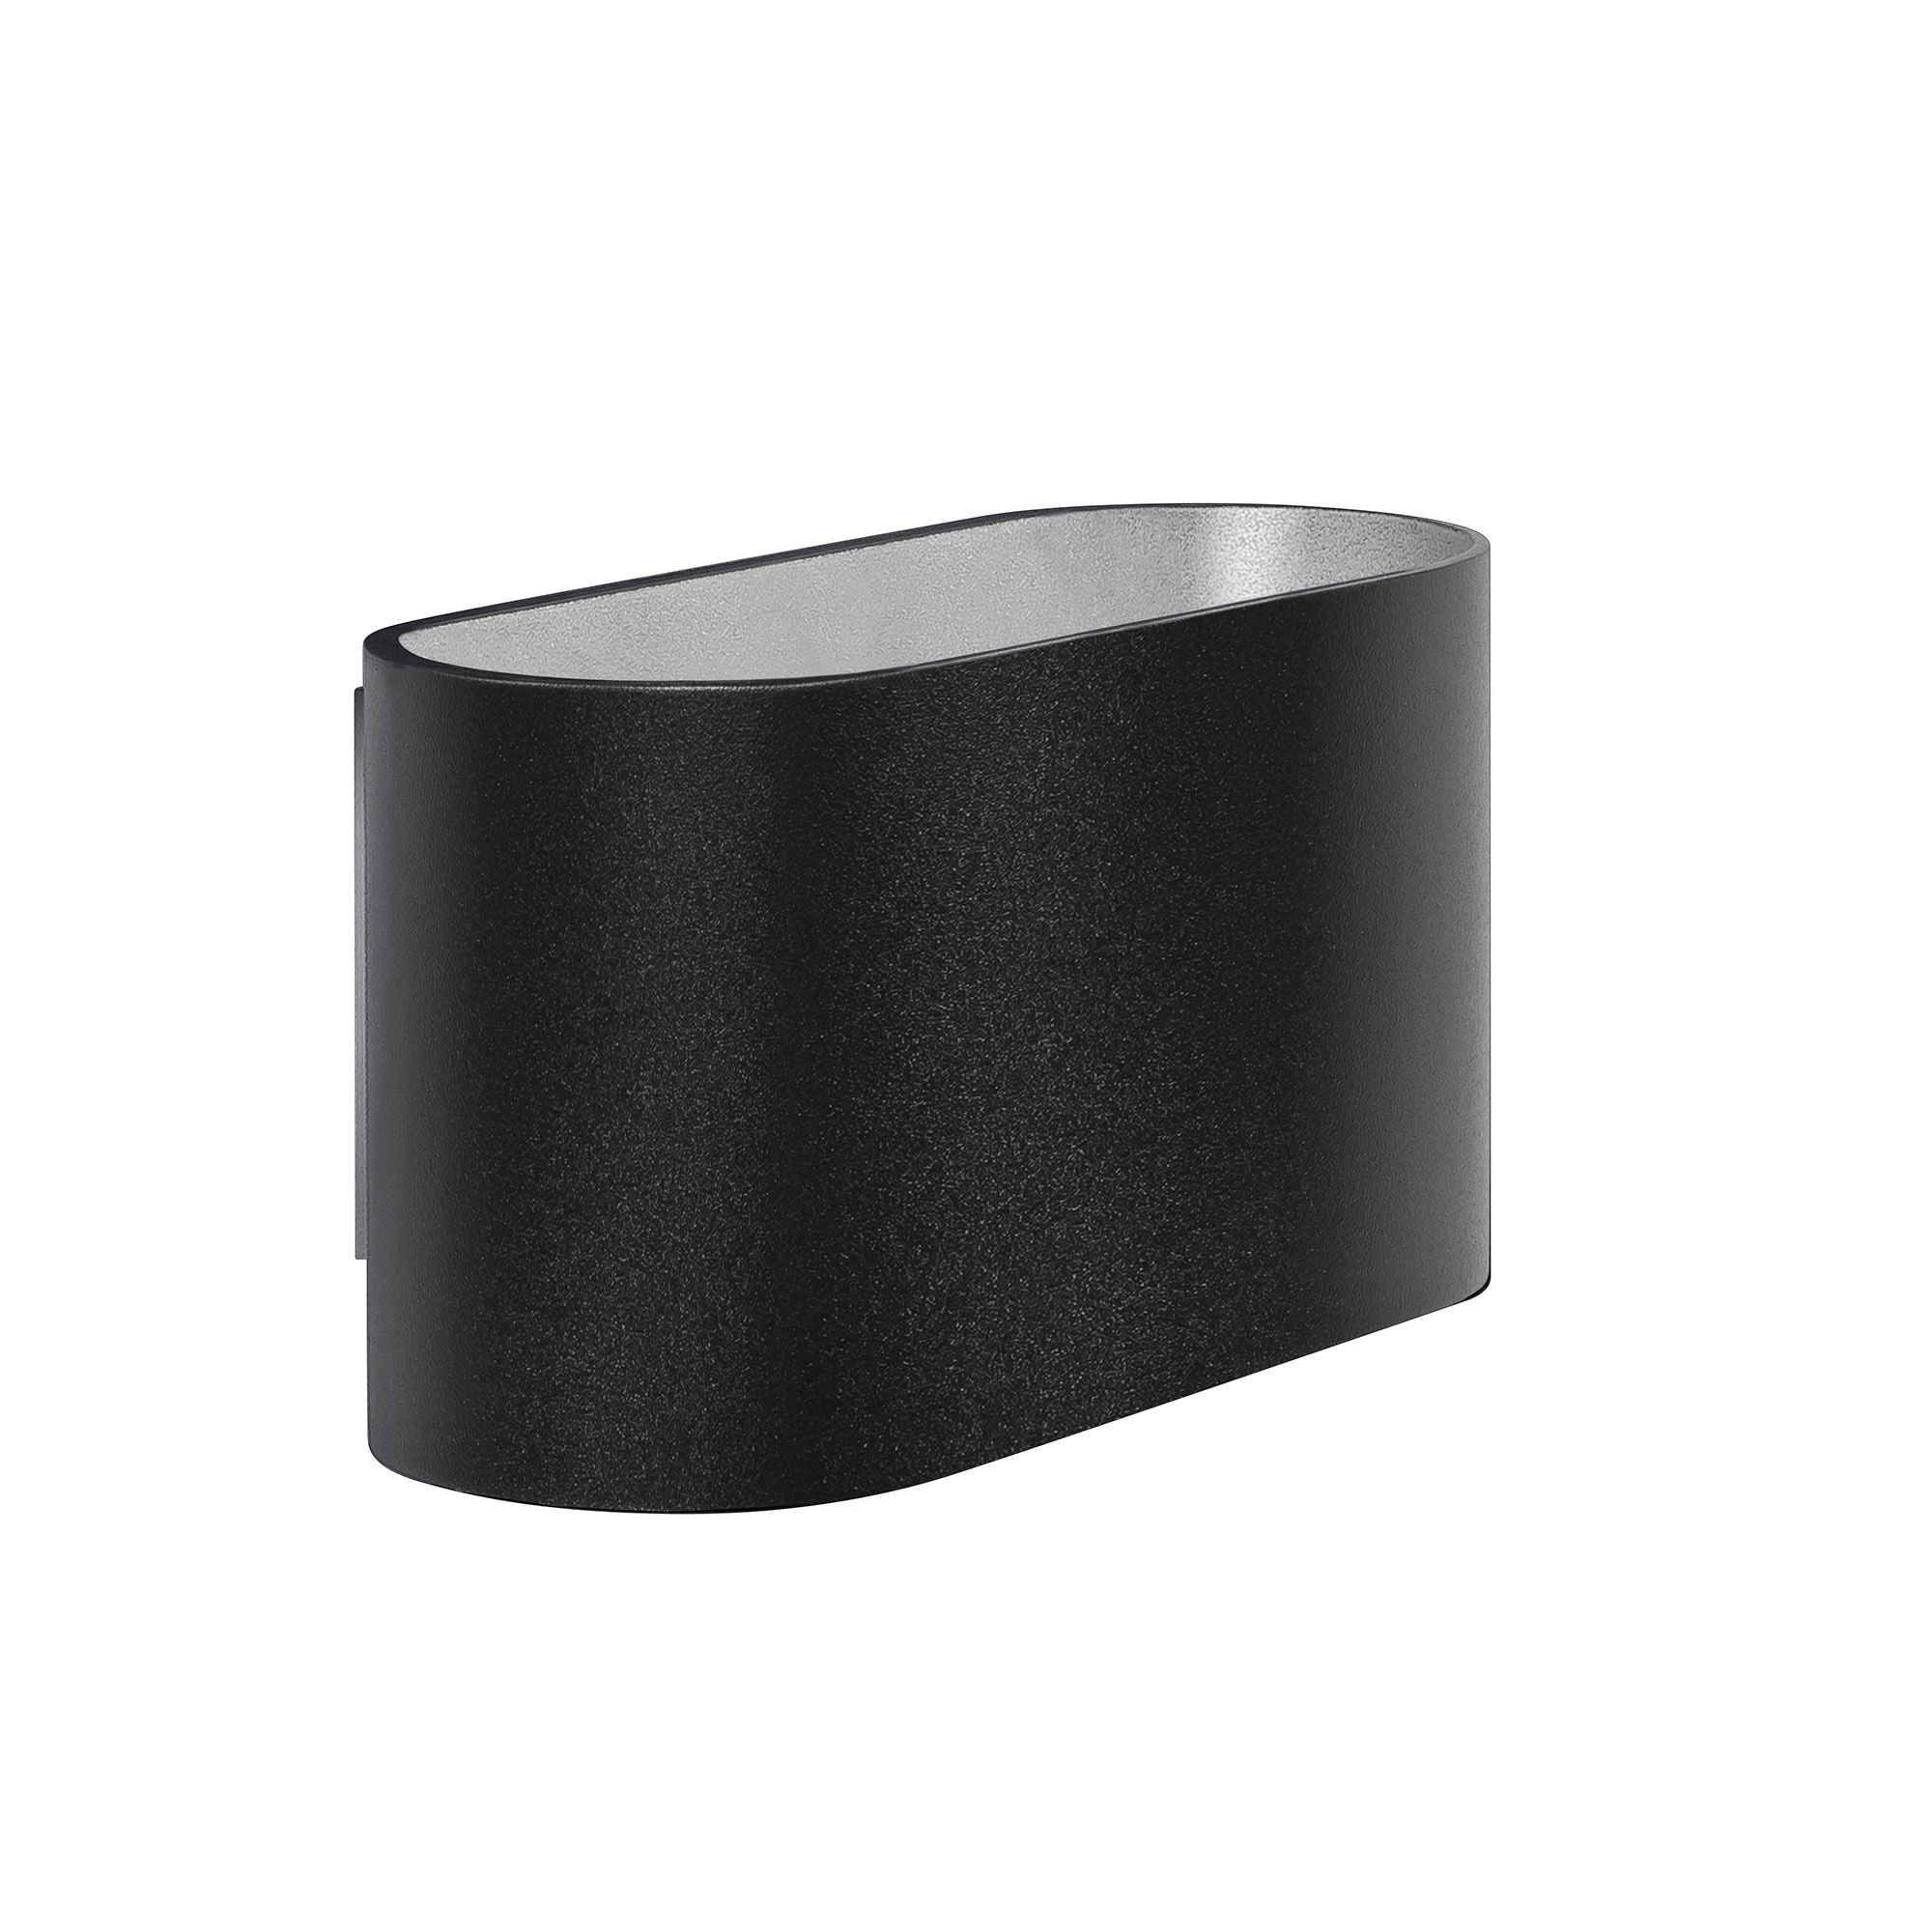 Highlight Wandlamp Oval zwart